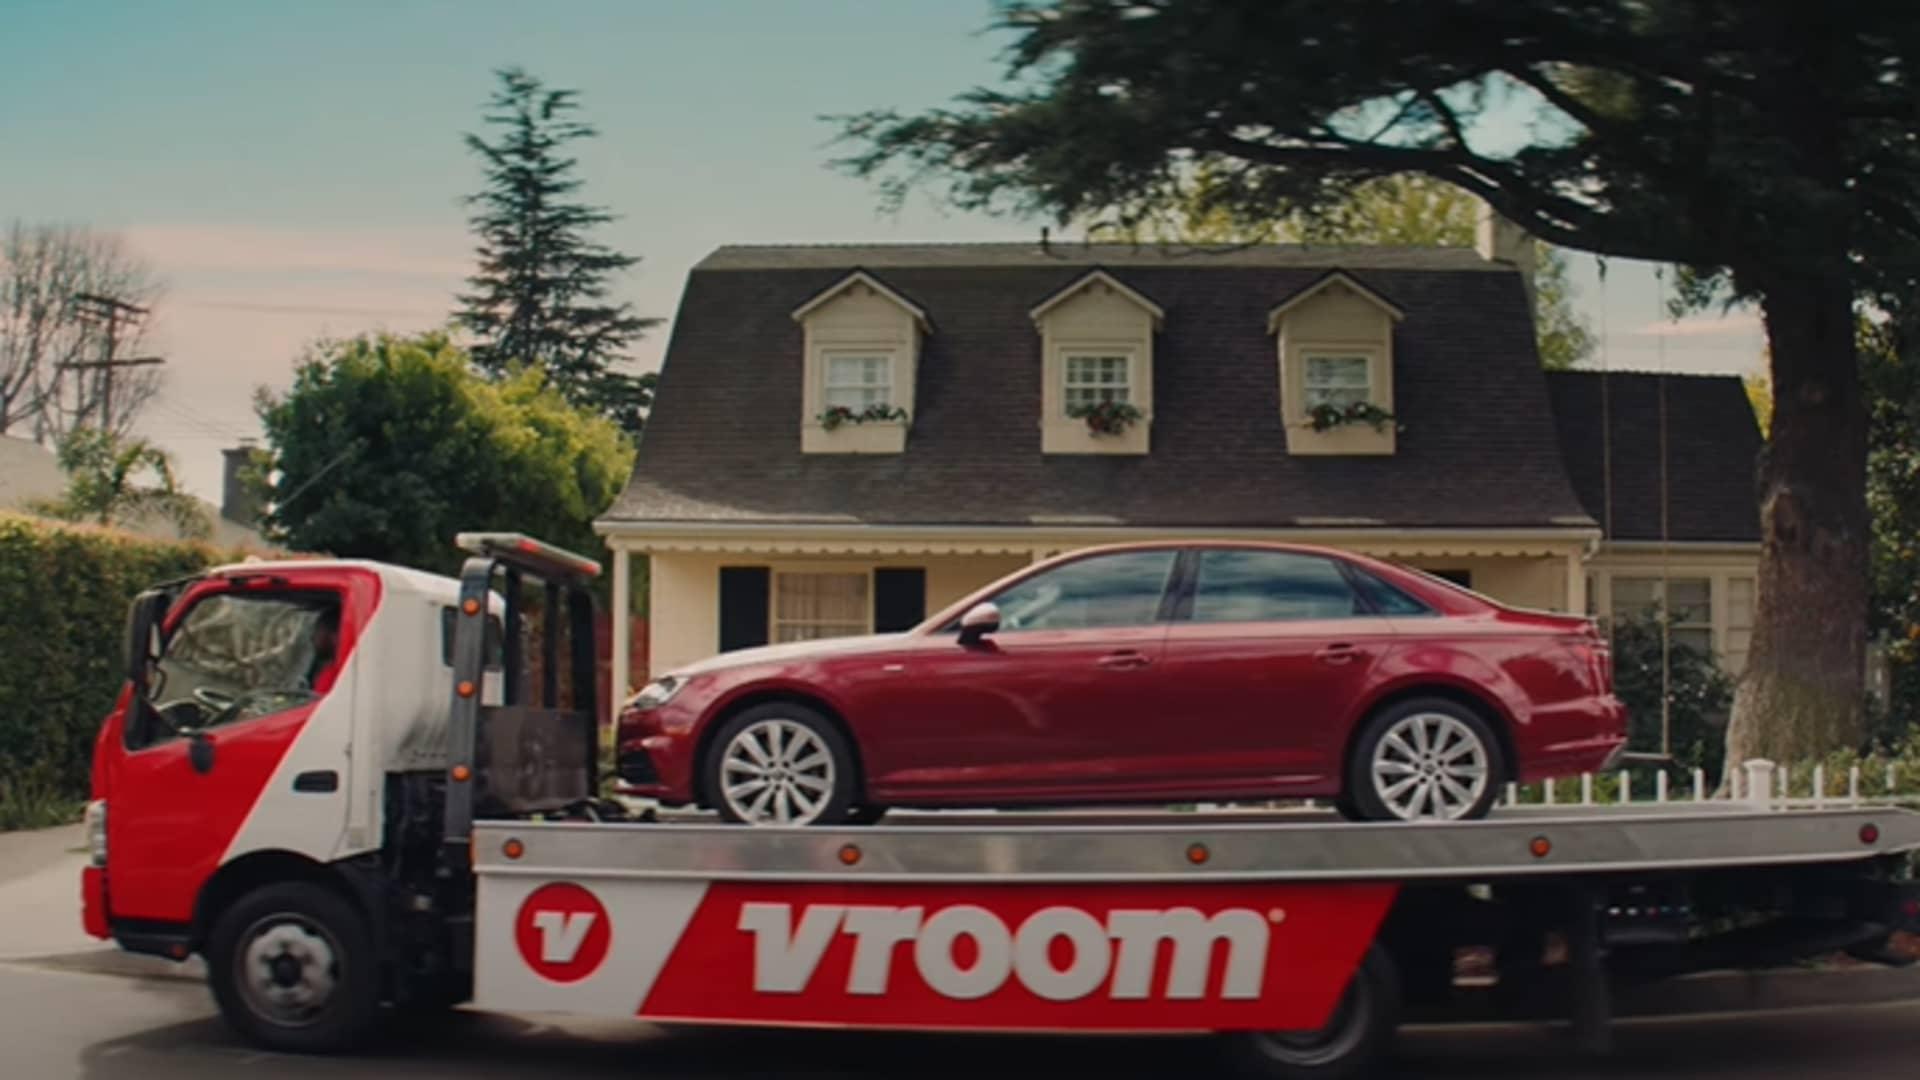 Still from Vroom's Super Bowl ad.